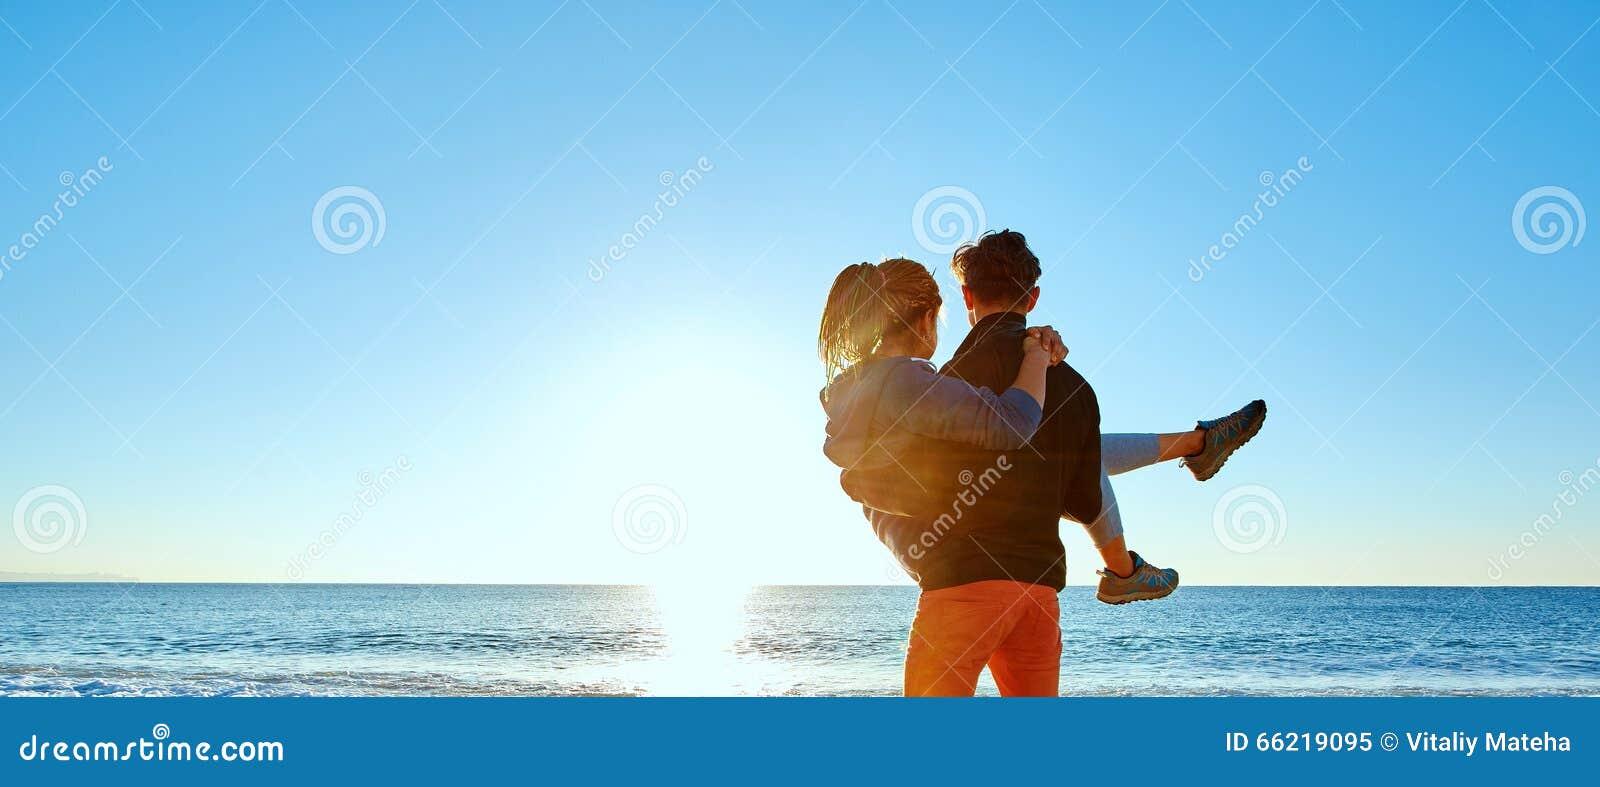 Homme et femme sur la plage